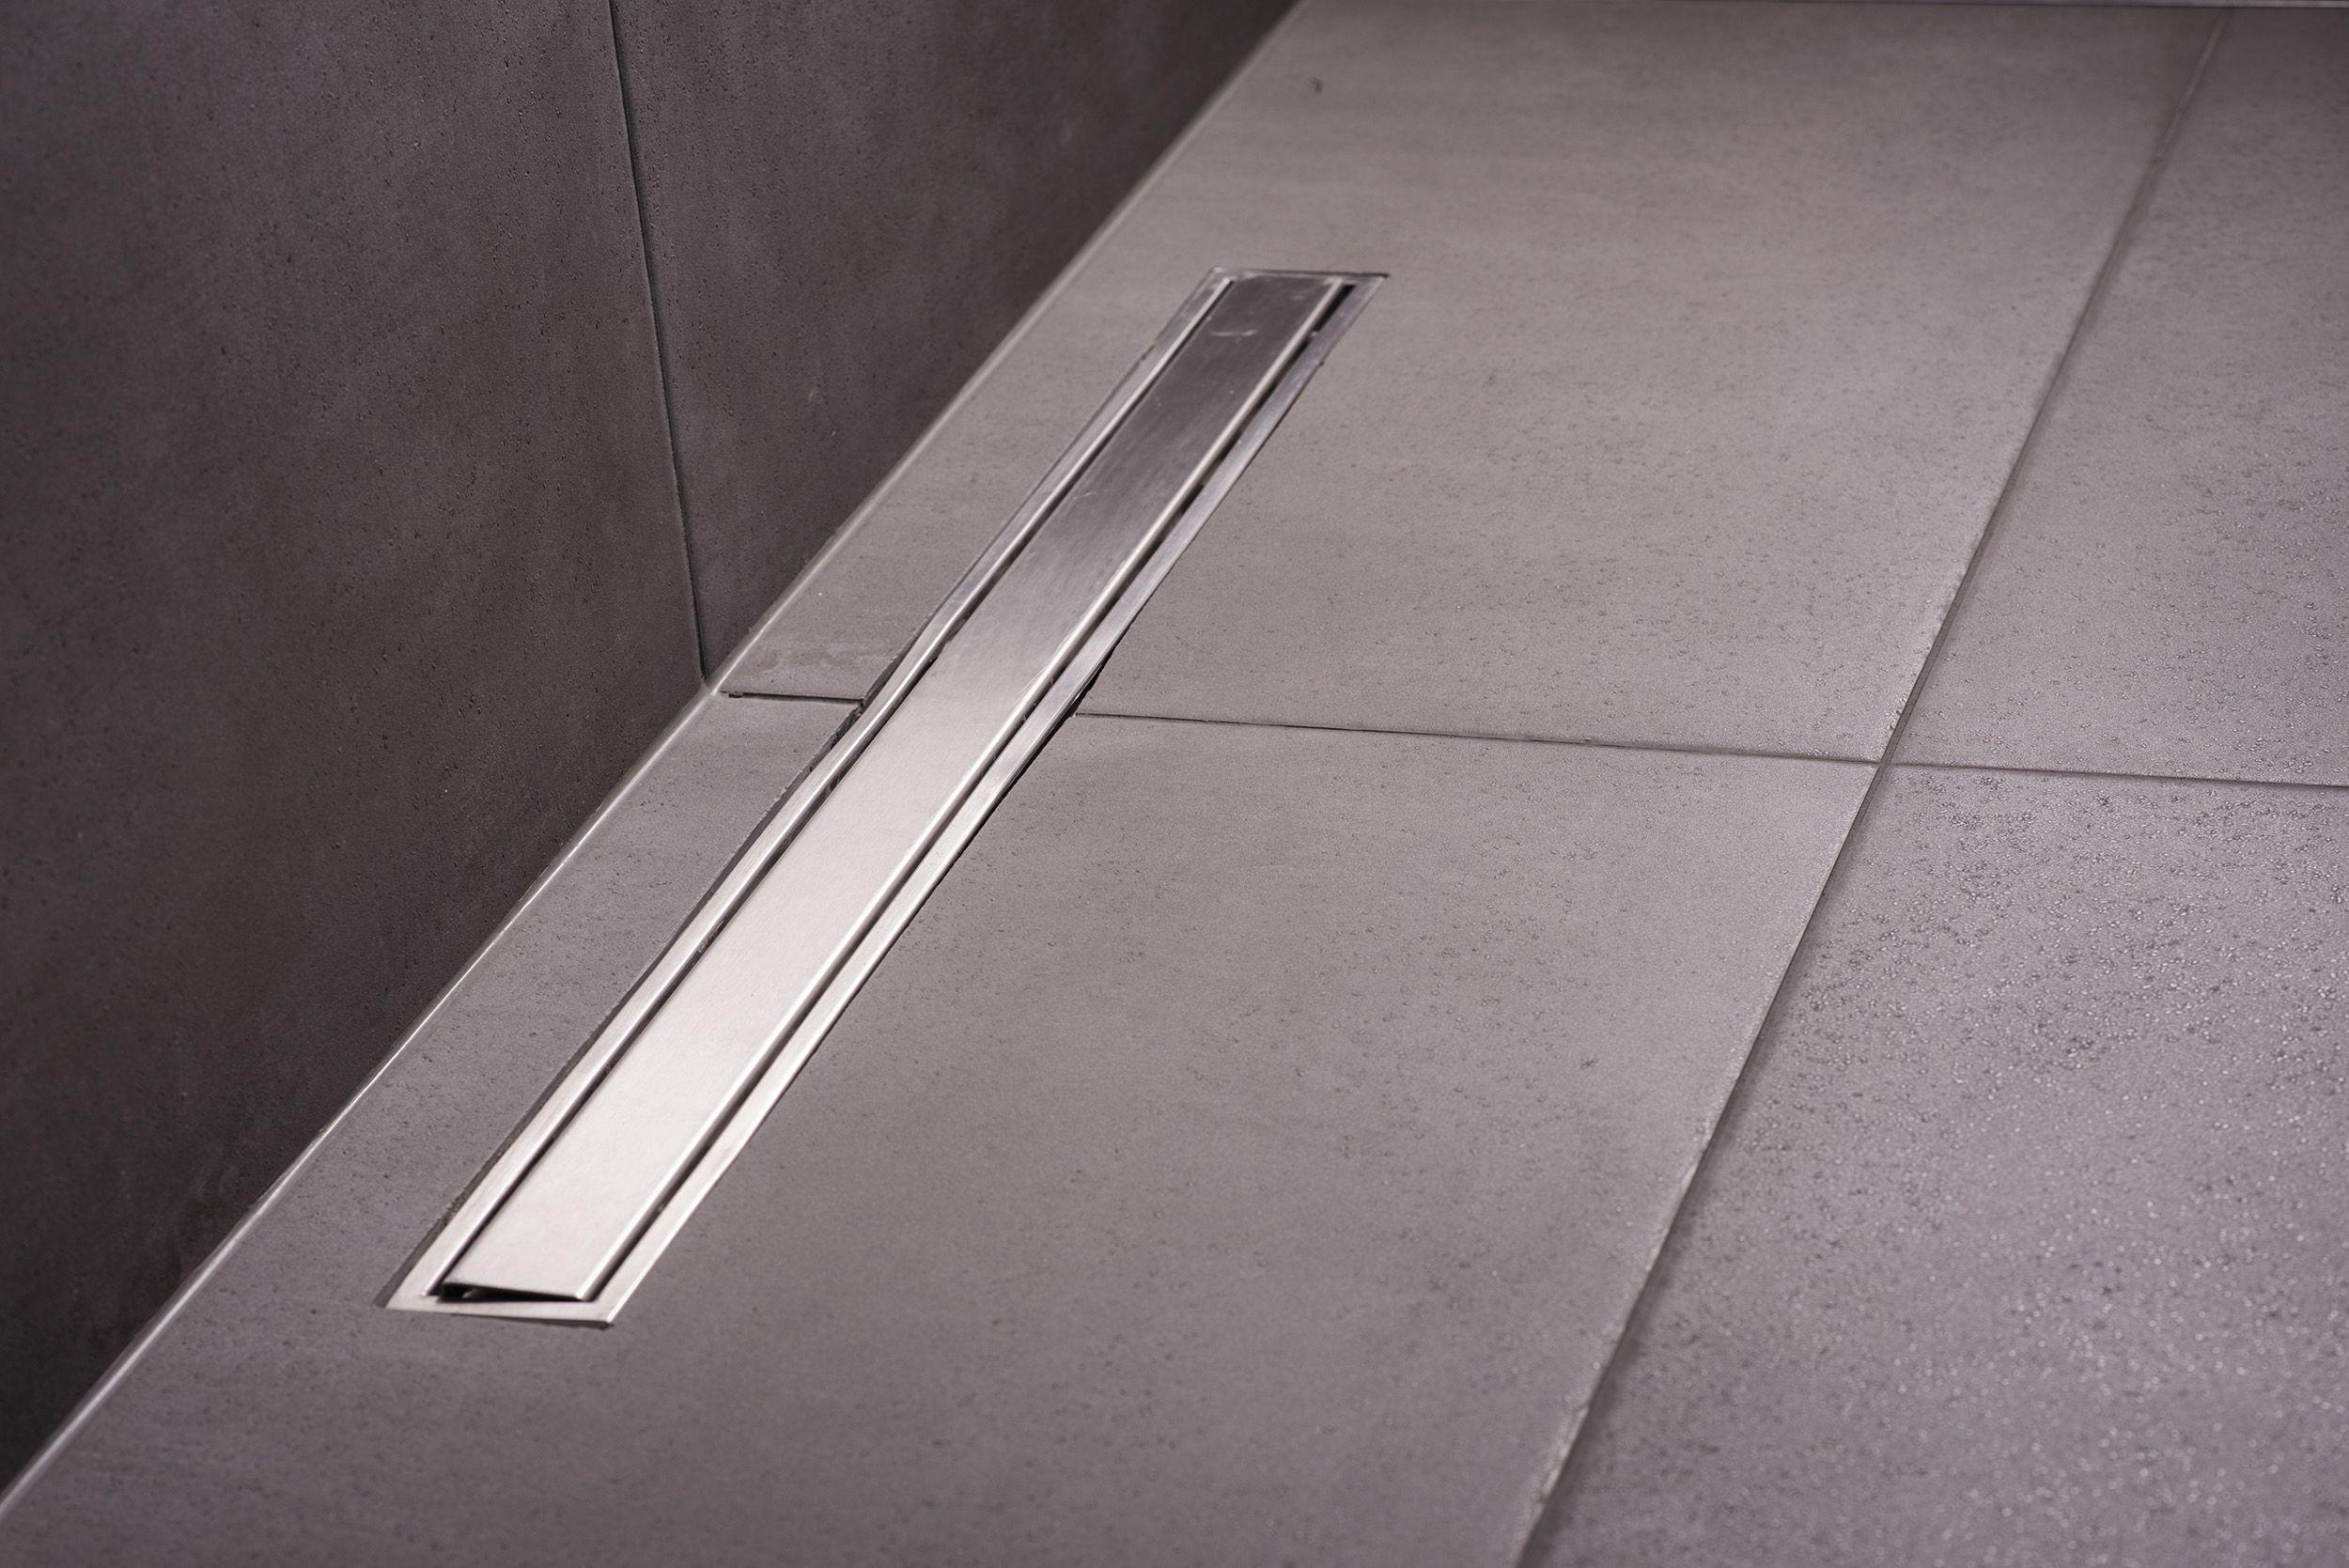 lineare bodenentwässerung für bodengleiche walk-in-duschen - mit